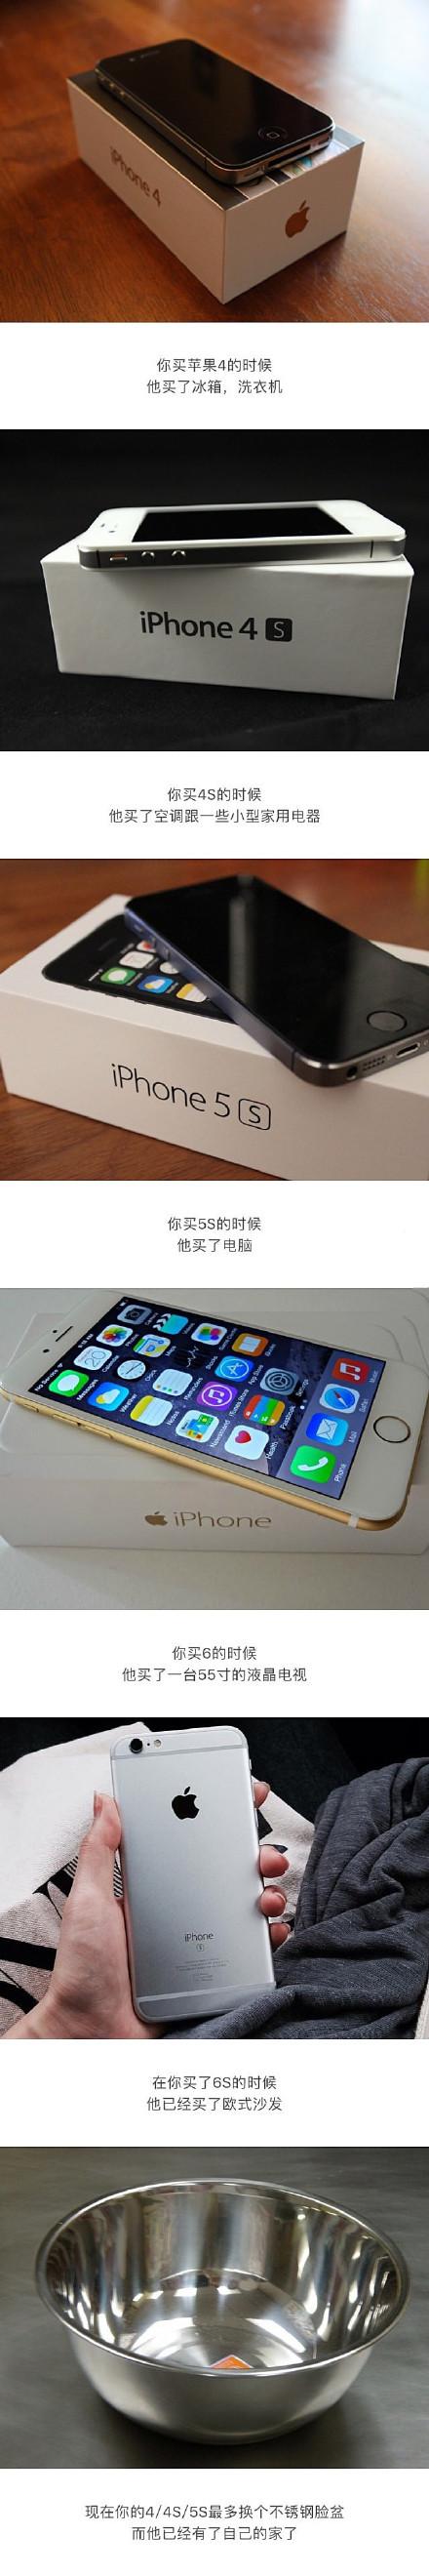 iphone带来了什么